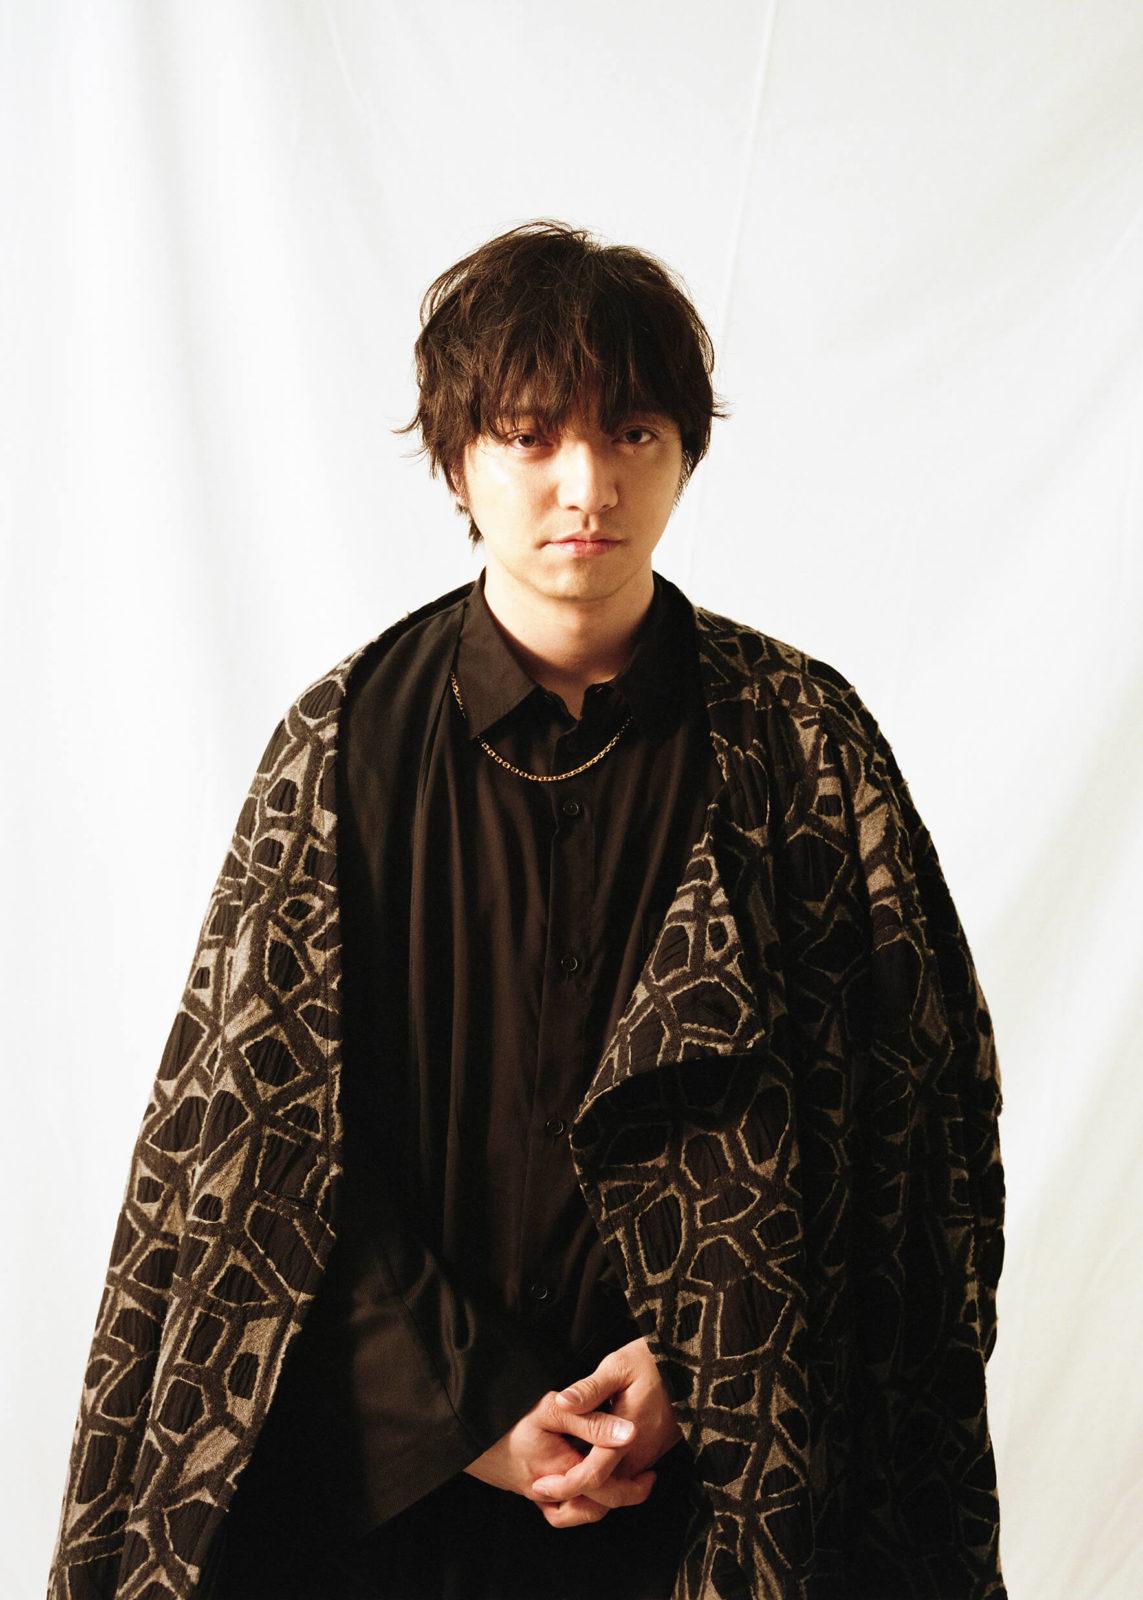 三浦大知、本日放送の「FNS うたの夏まつり」で新曲を初パフォーマンスサムネイル画像